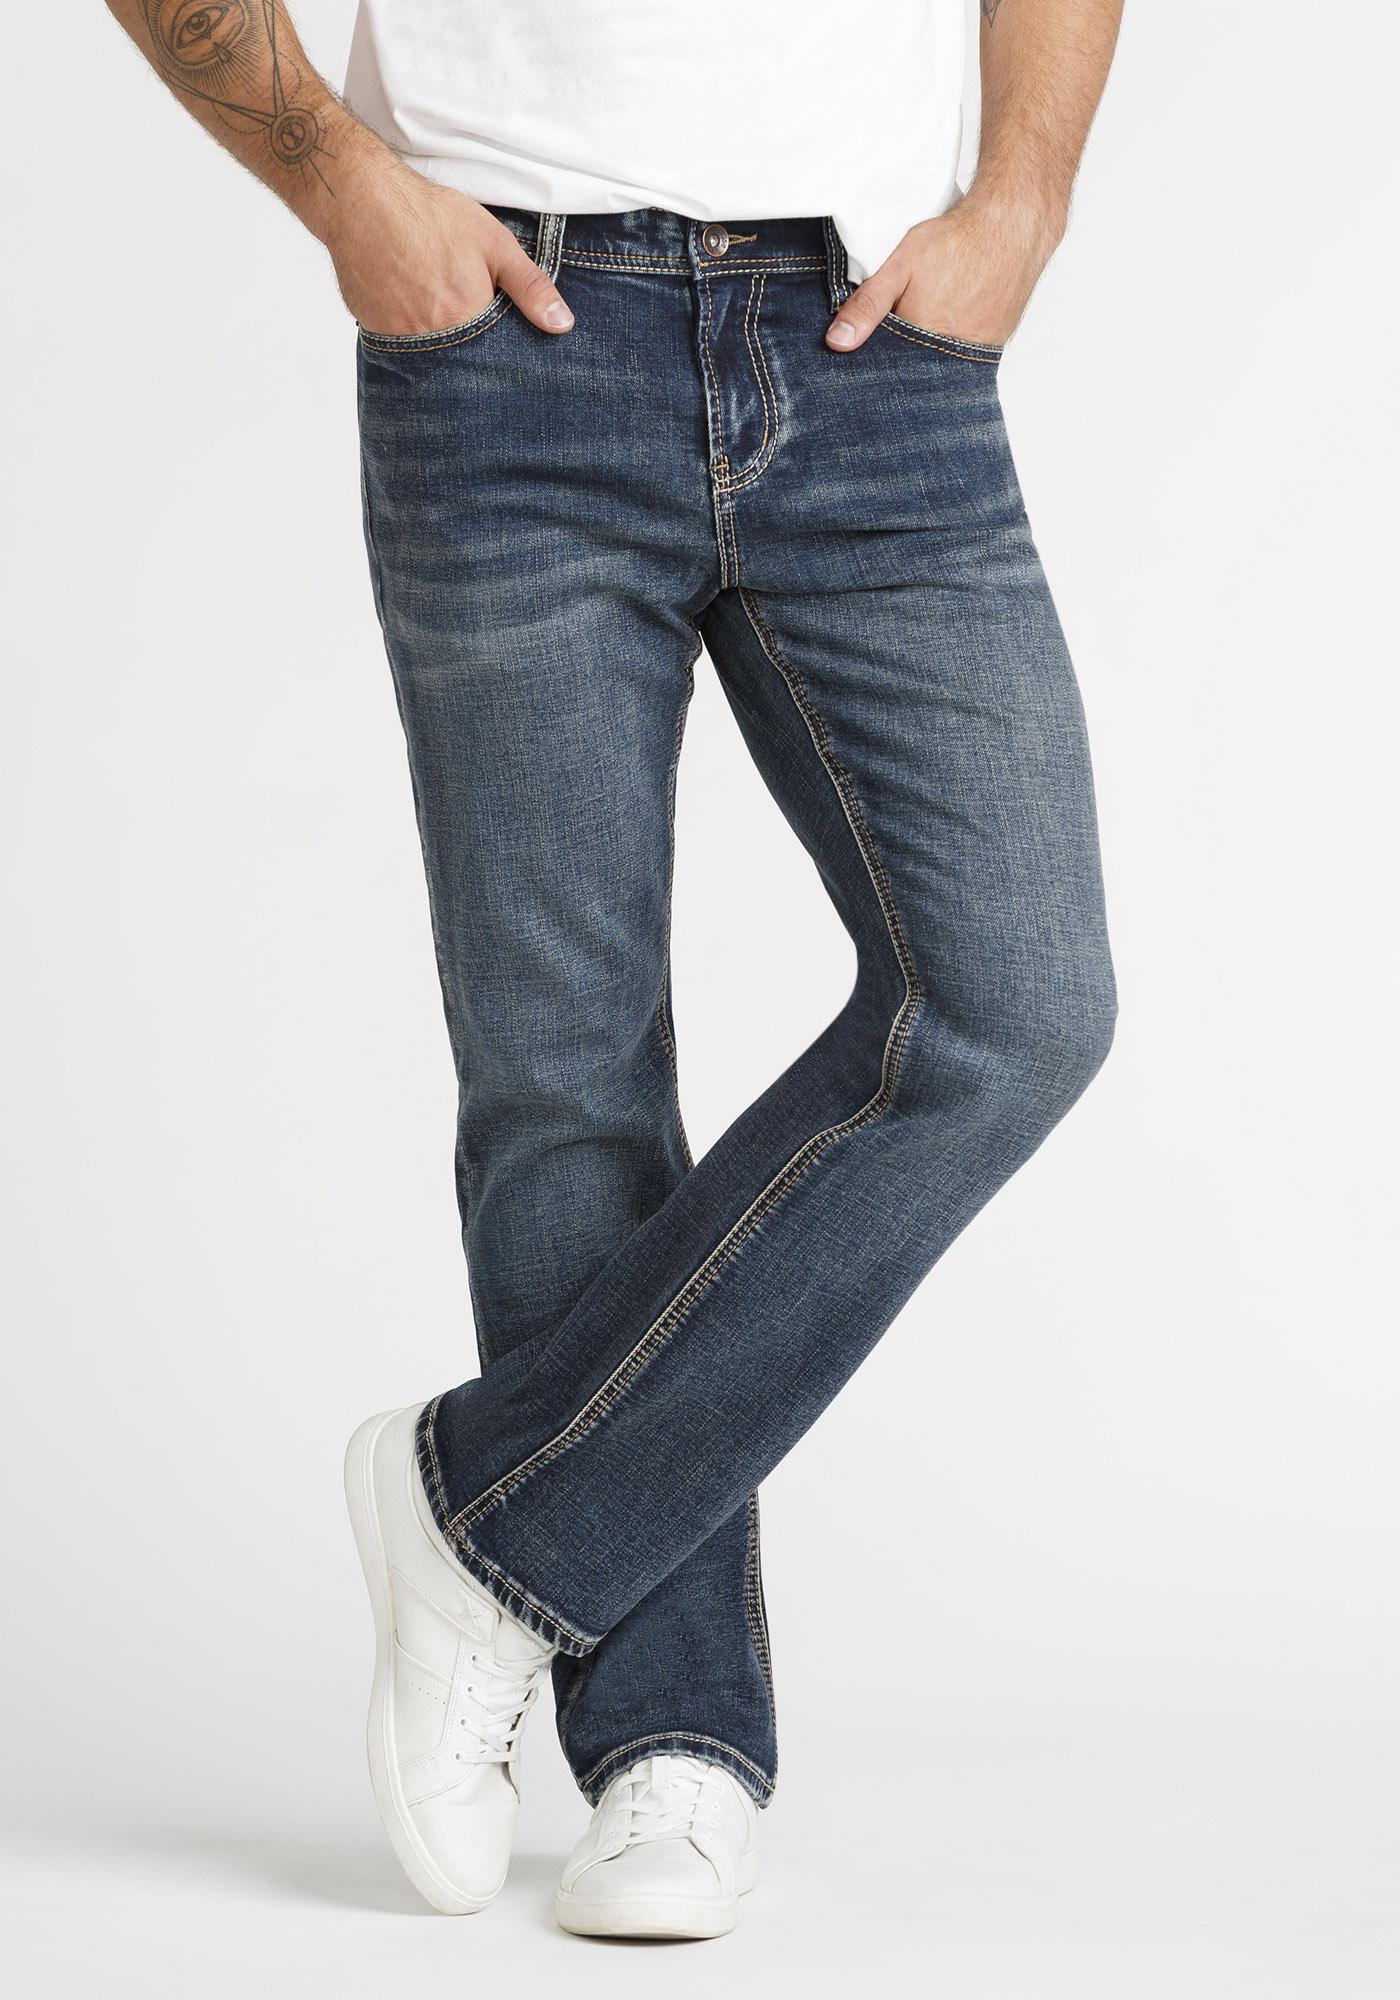 36 Inseam Jeans Mens